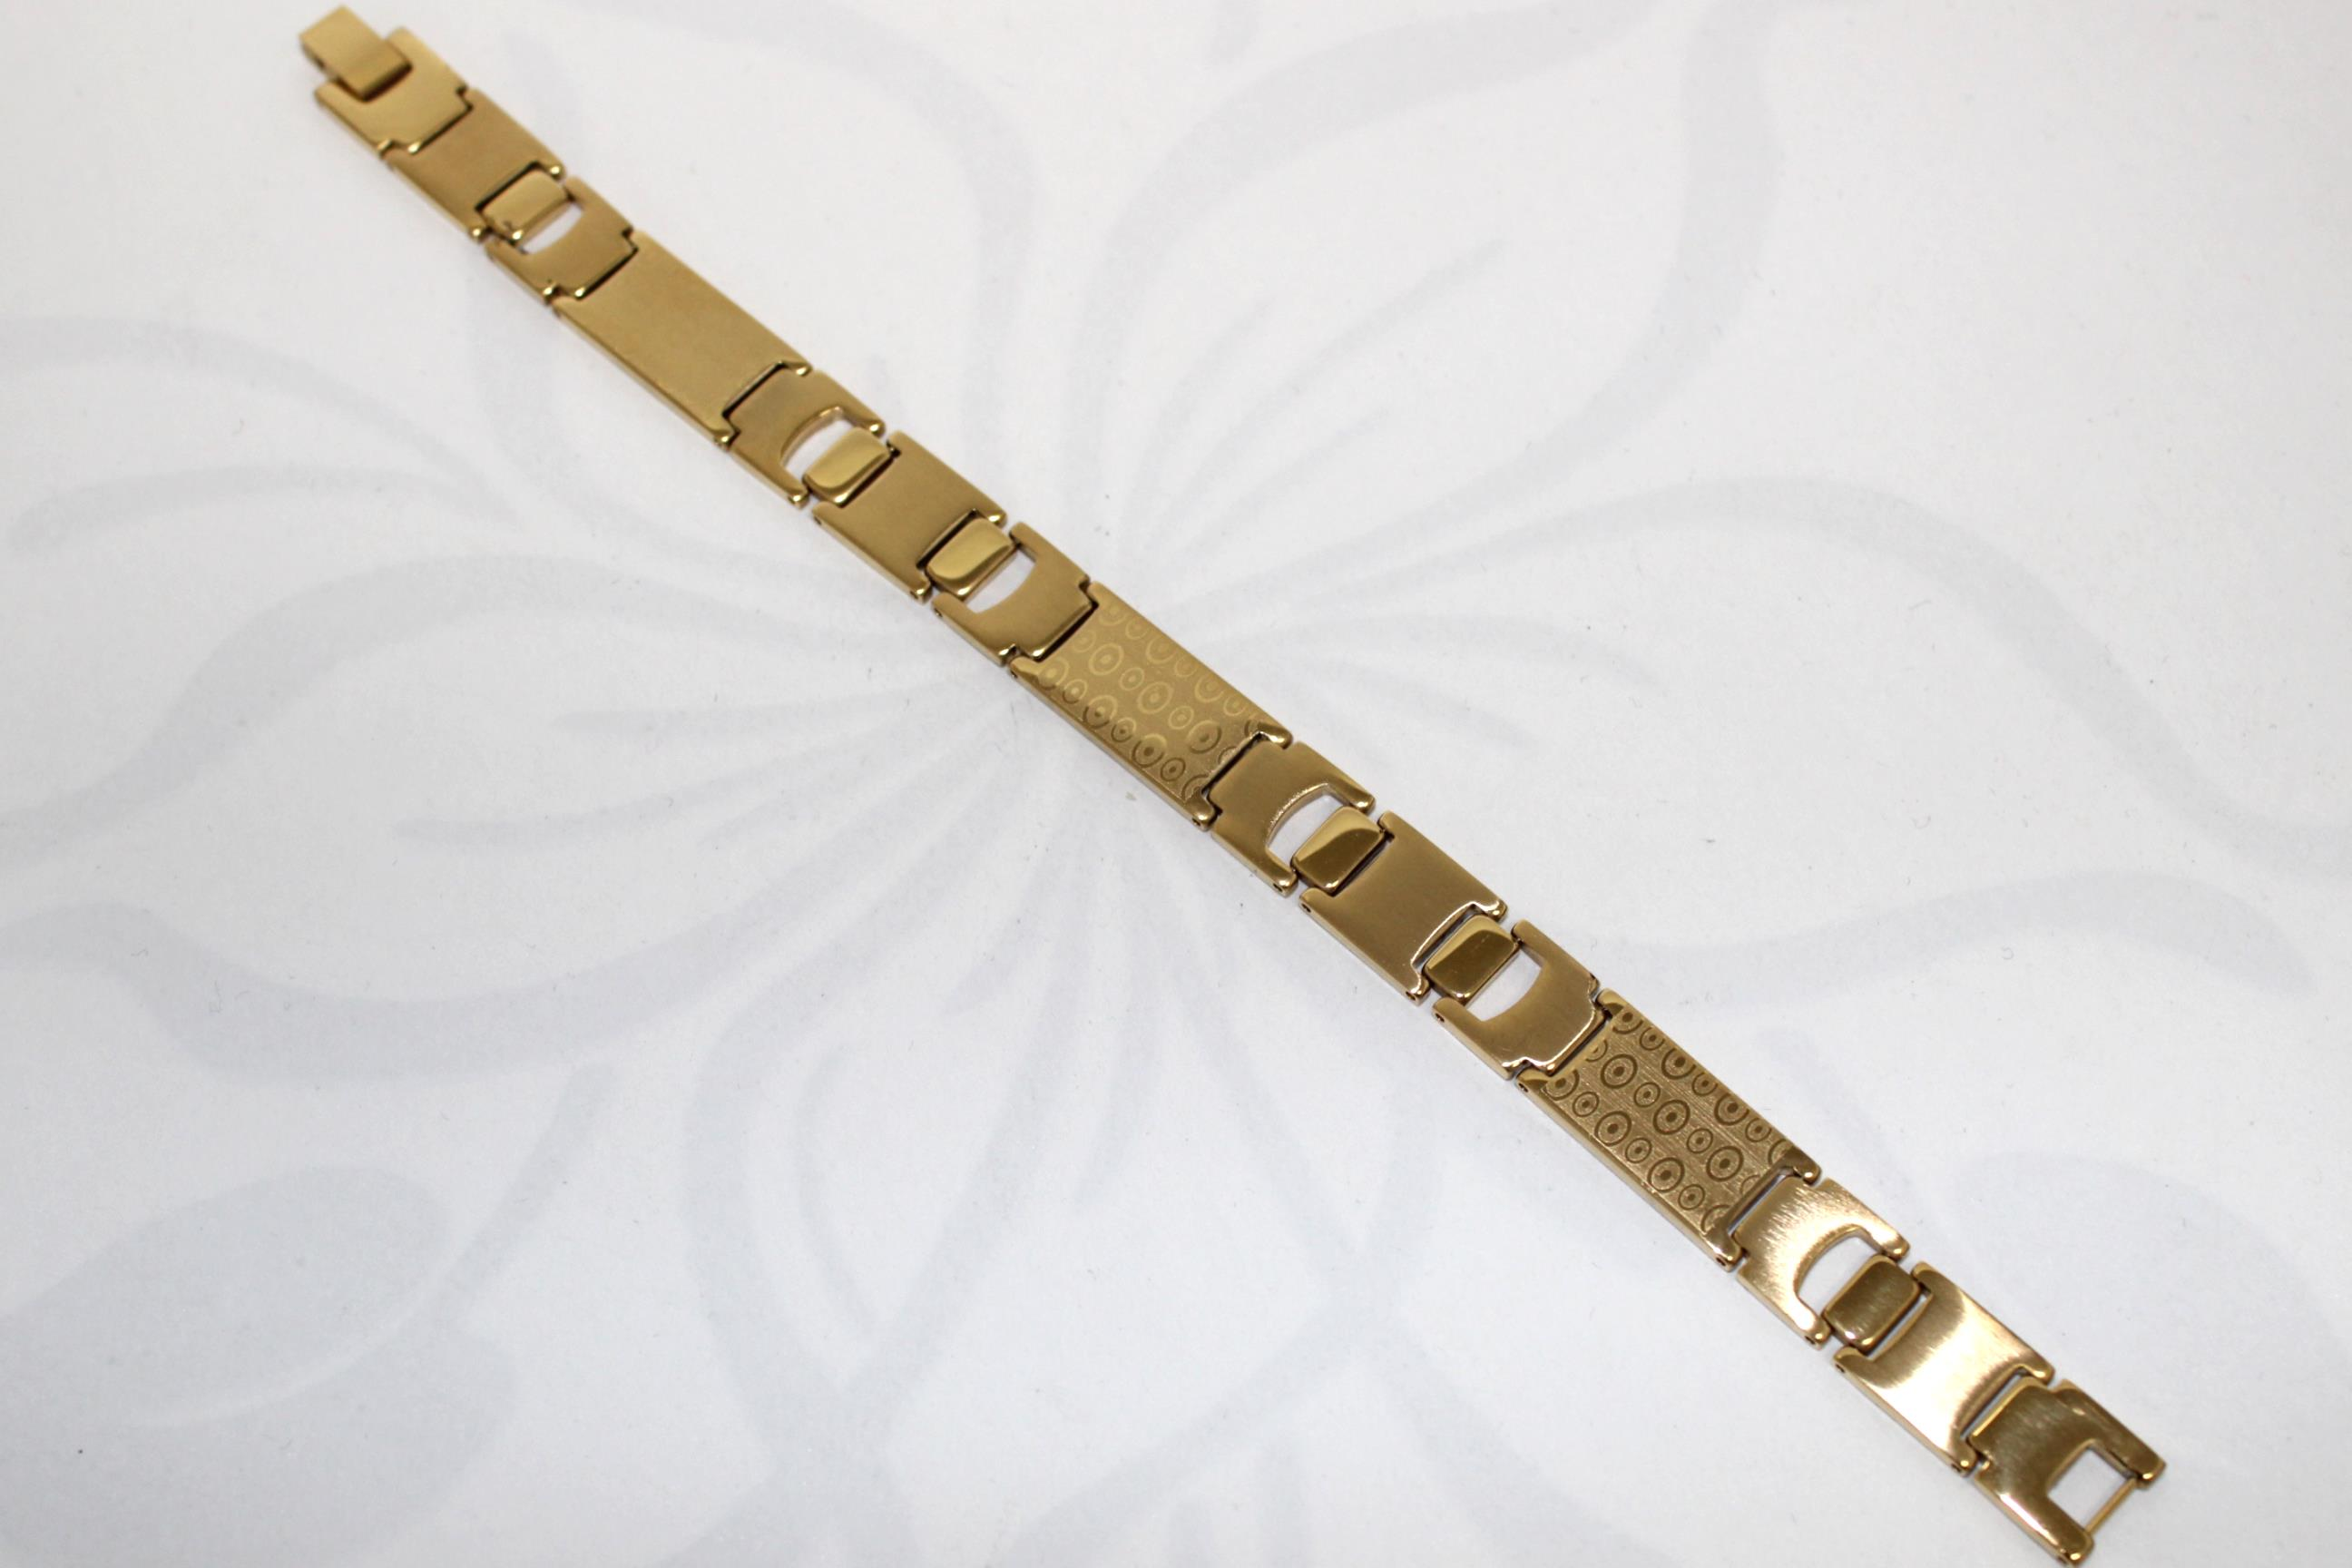 b41628058 Šperky chirurgická oceľ | Náramok chirurgická oceľ zlatý 11 ...